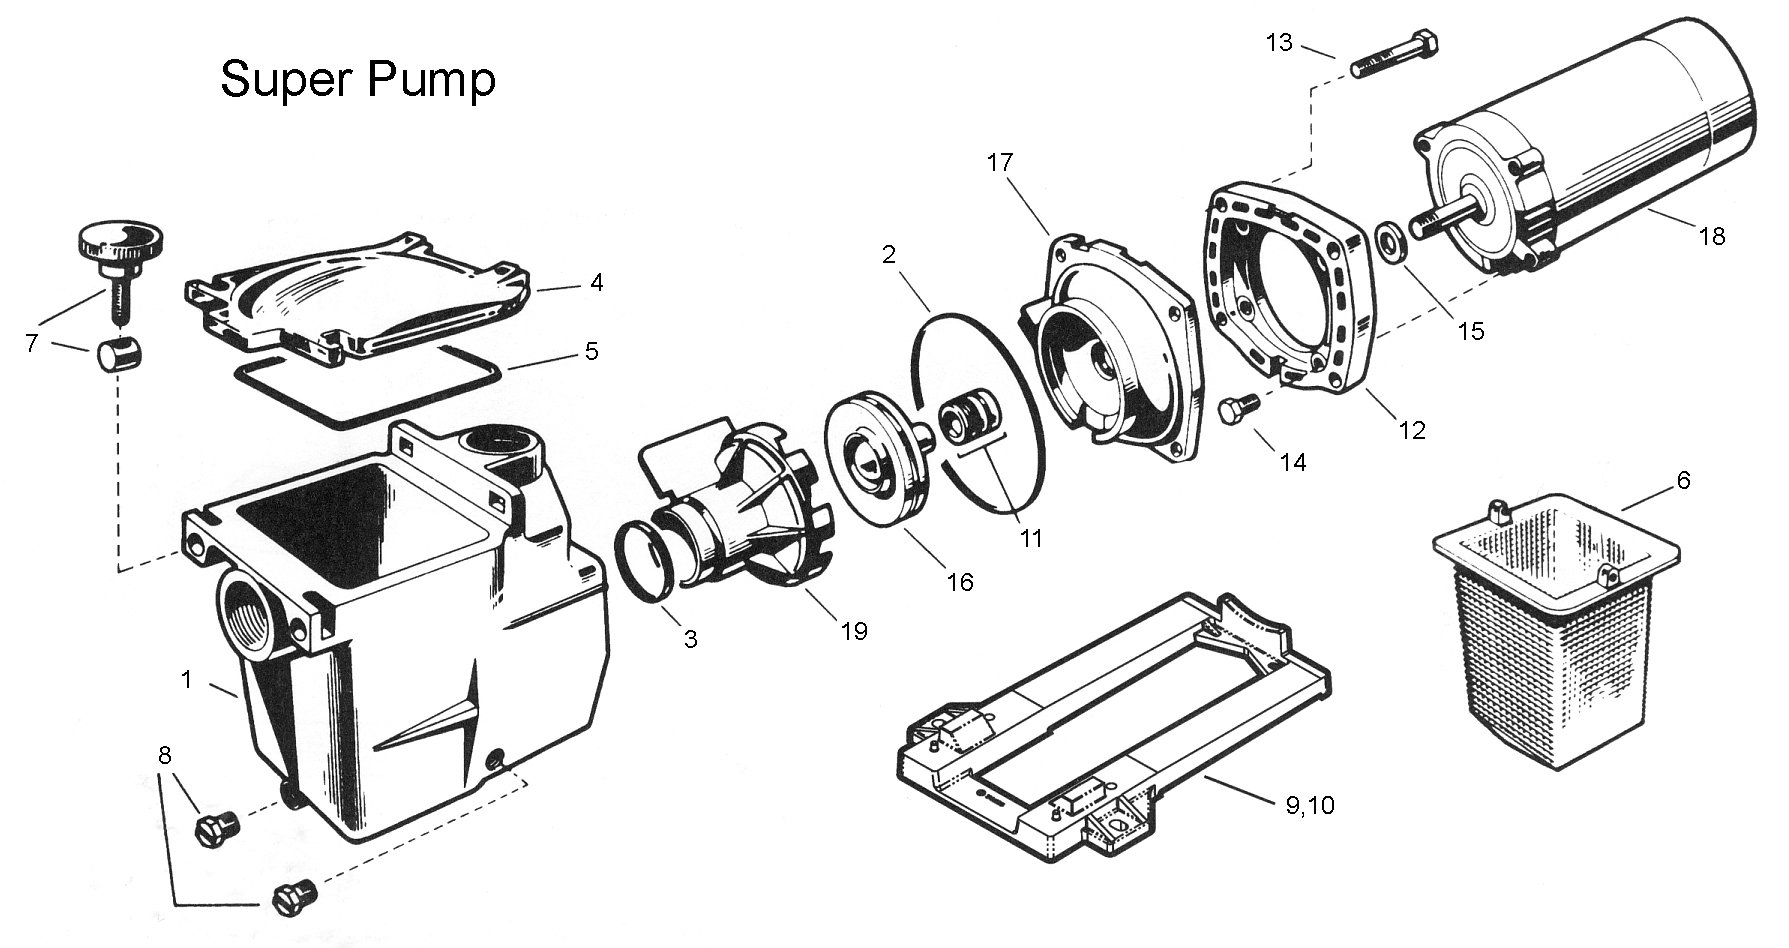 Hayward Super Pump Pump Housing Strainer 1 5 X 1 5